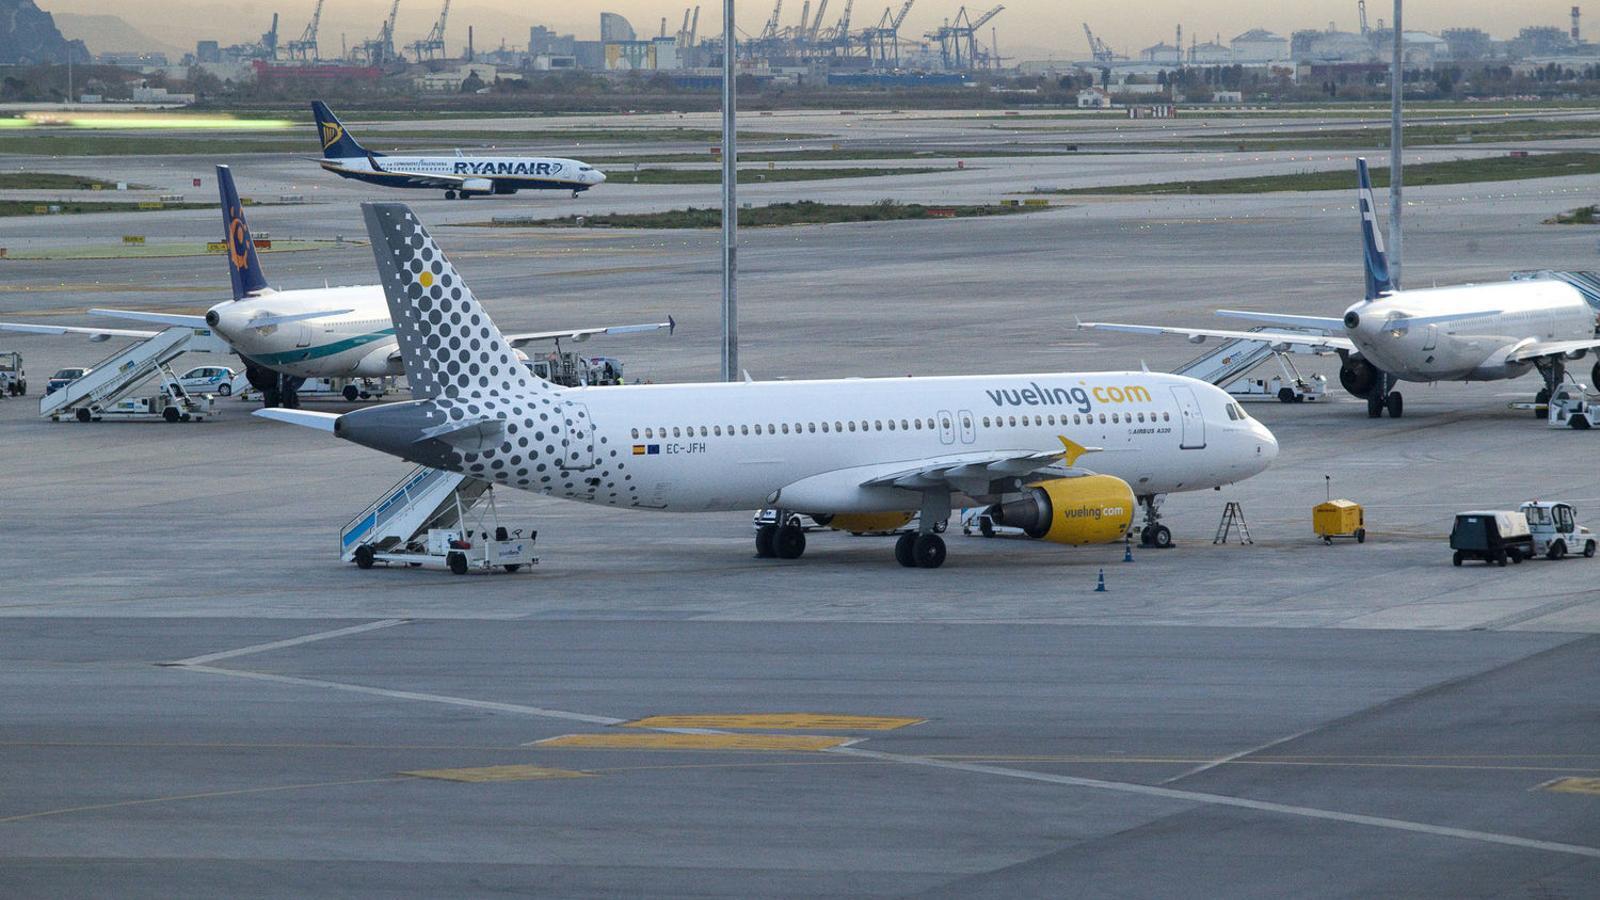 Fan fora d'un avió més de 100 passatgers de Vueling, que passen la nit a l'aeroport de Dublín sense explicacions